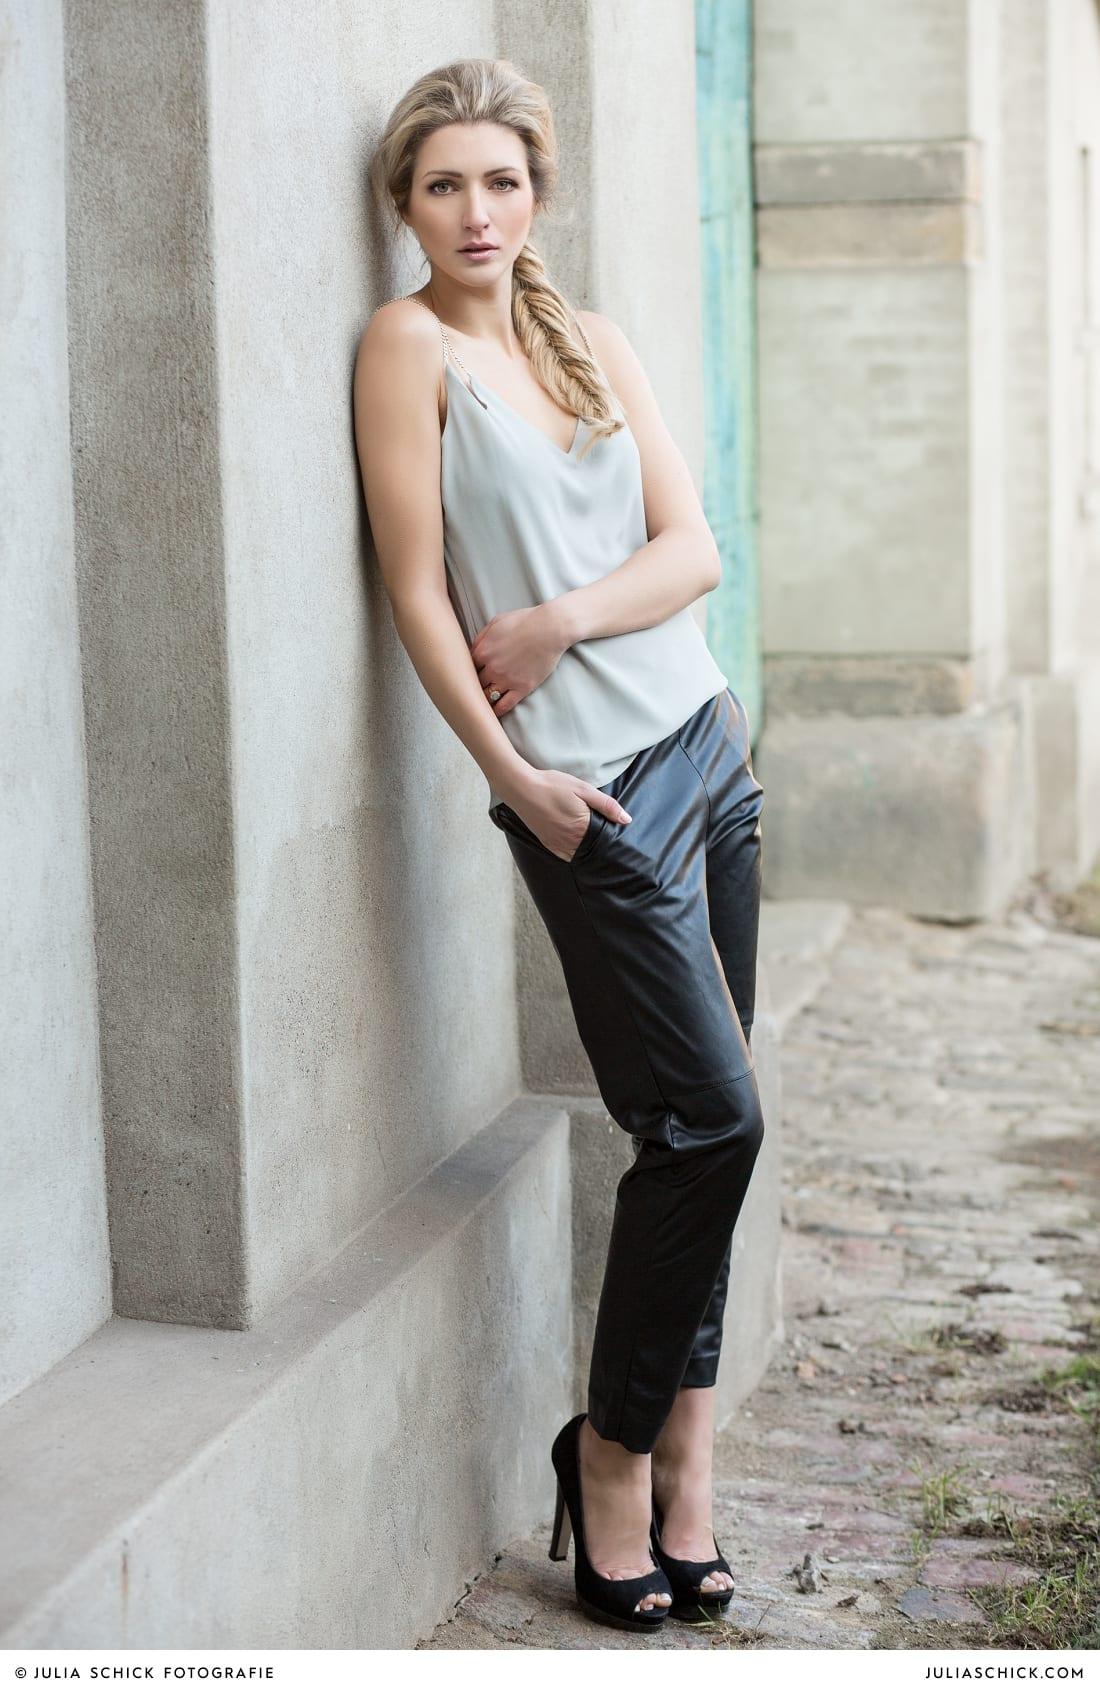 Fashionshooting von Modefotografin Julia Schick und Make-up-Artist Sandra Globke. Model mit Sommeroutfit von H & M